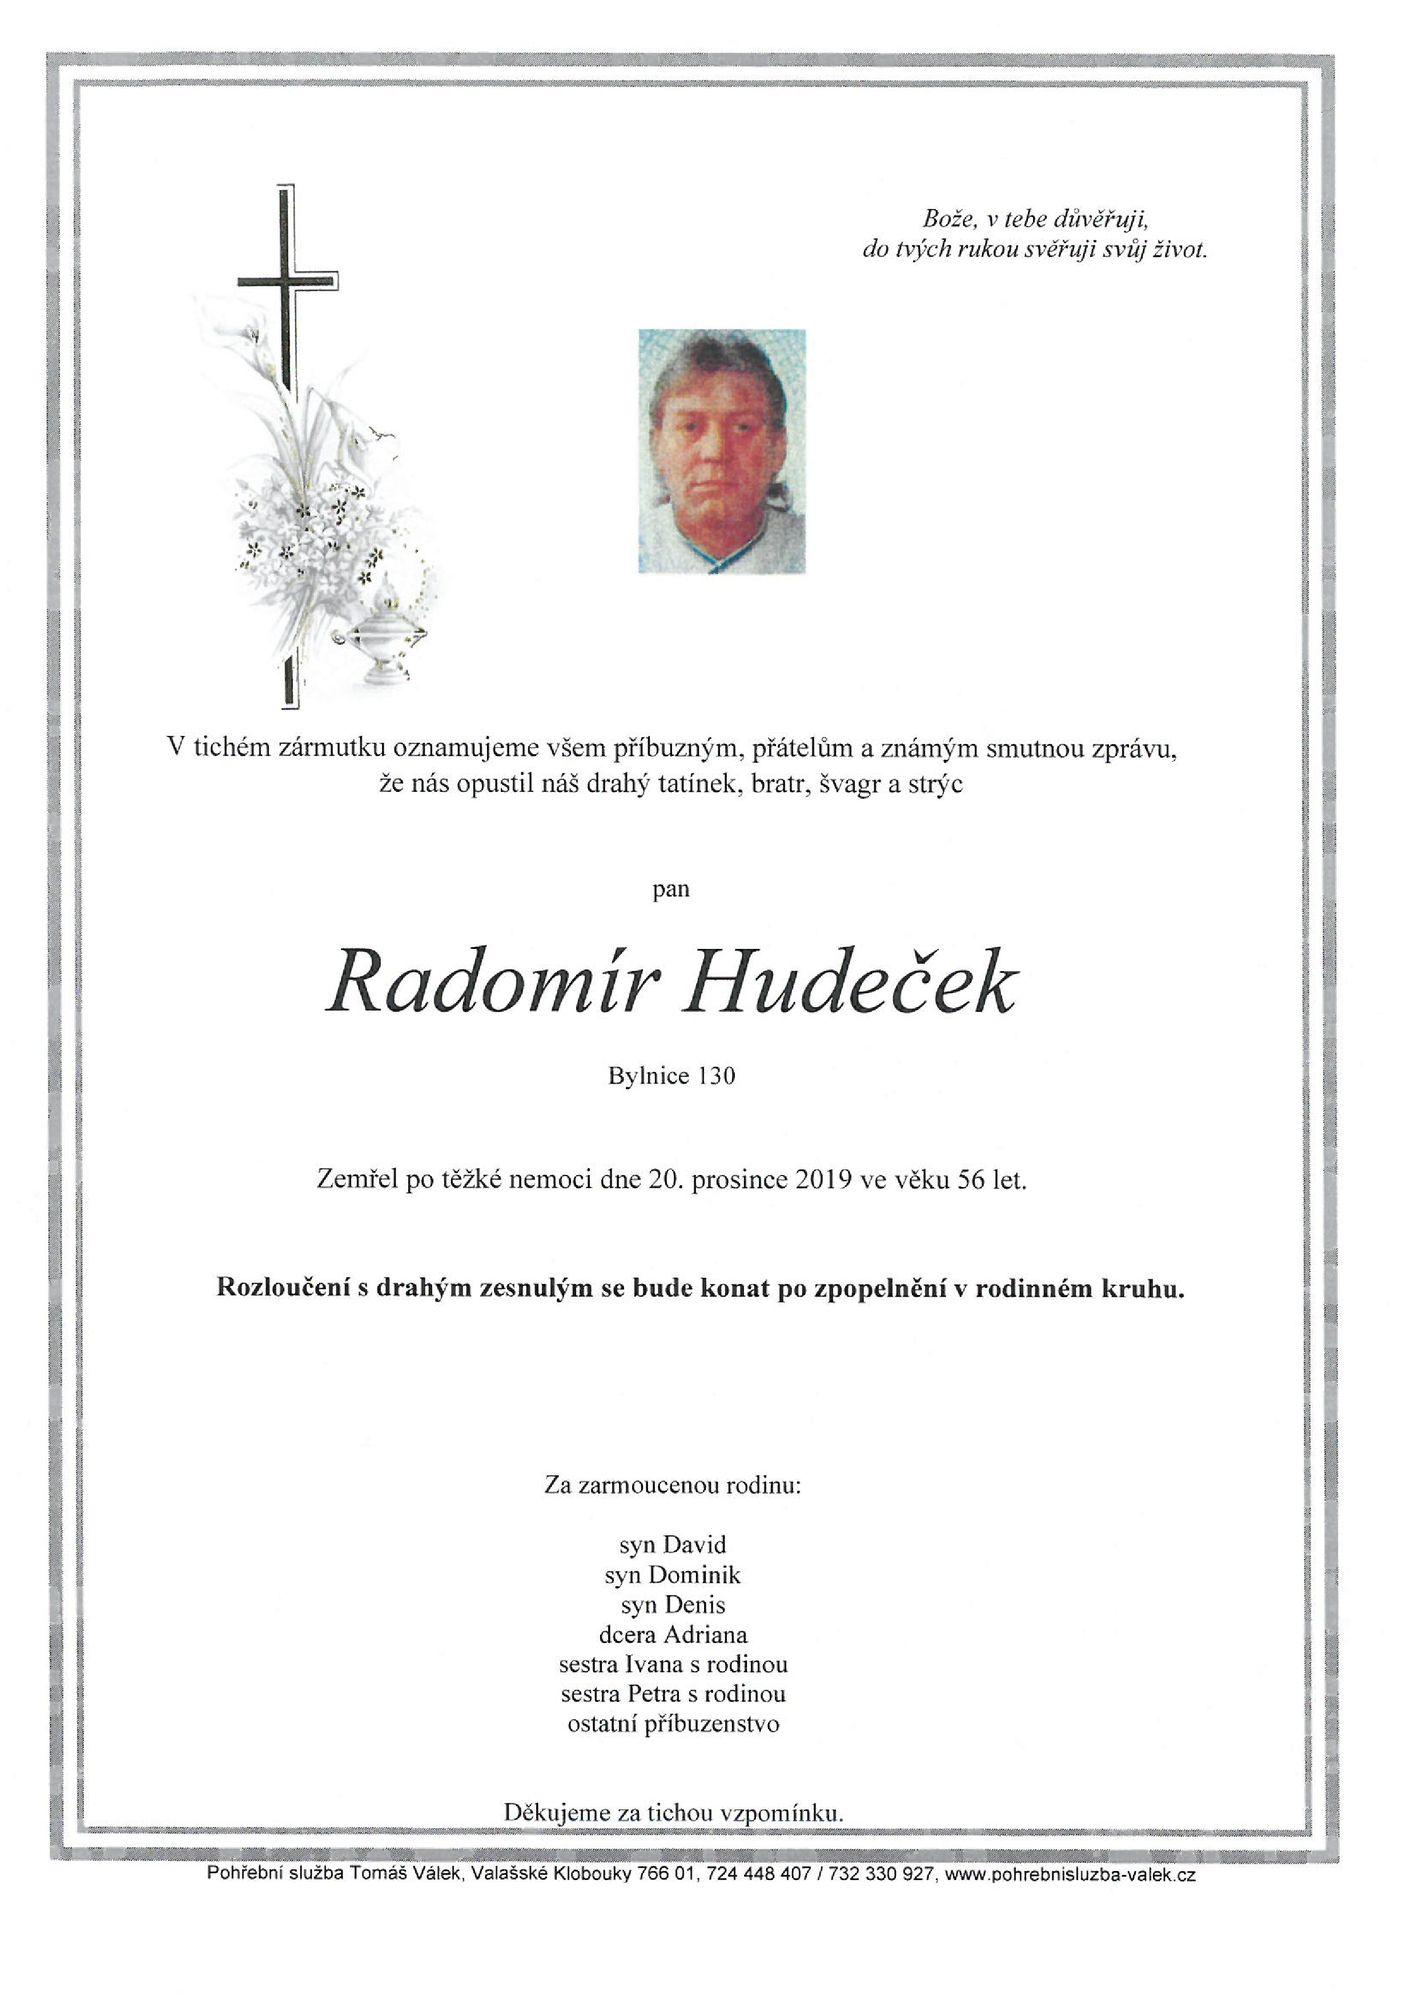 Radomír Hudeček